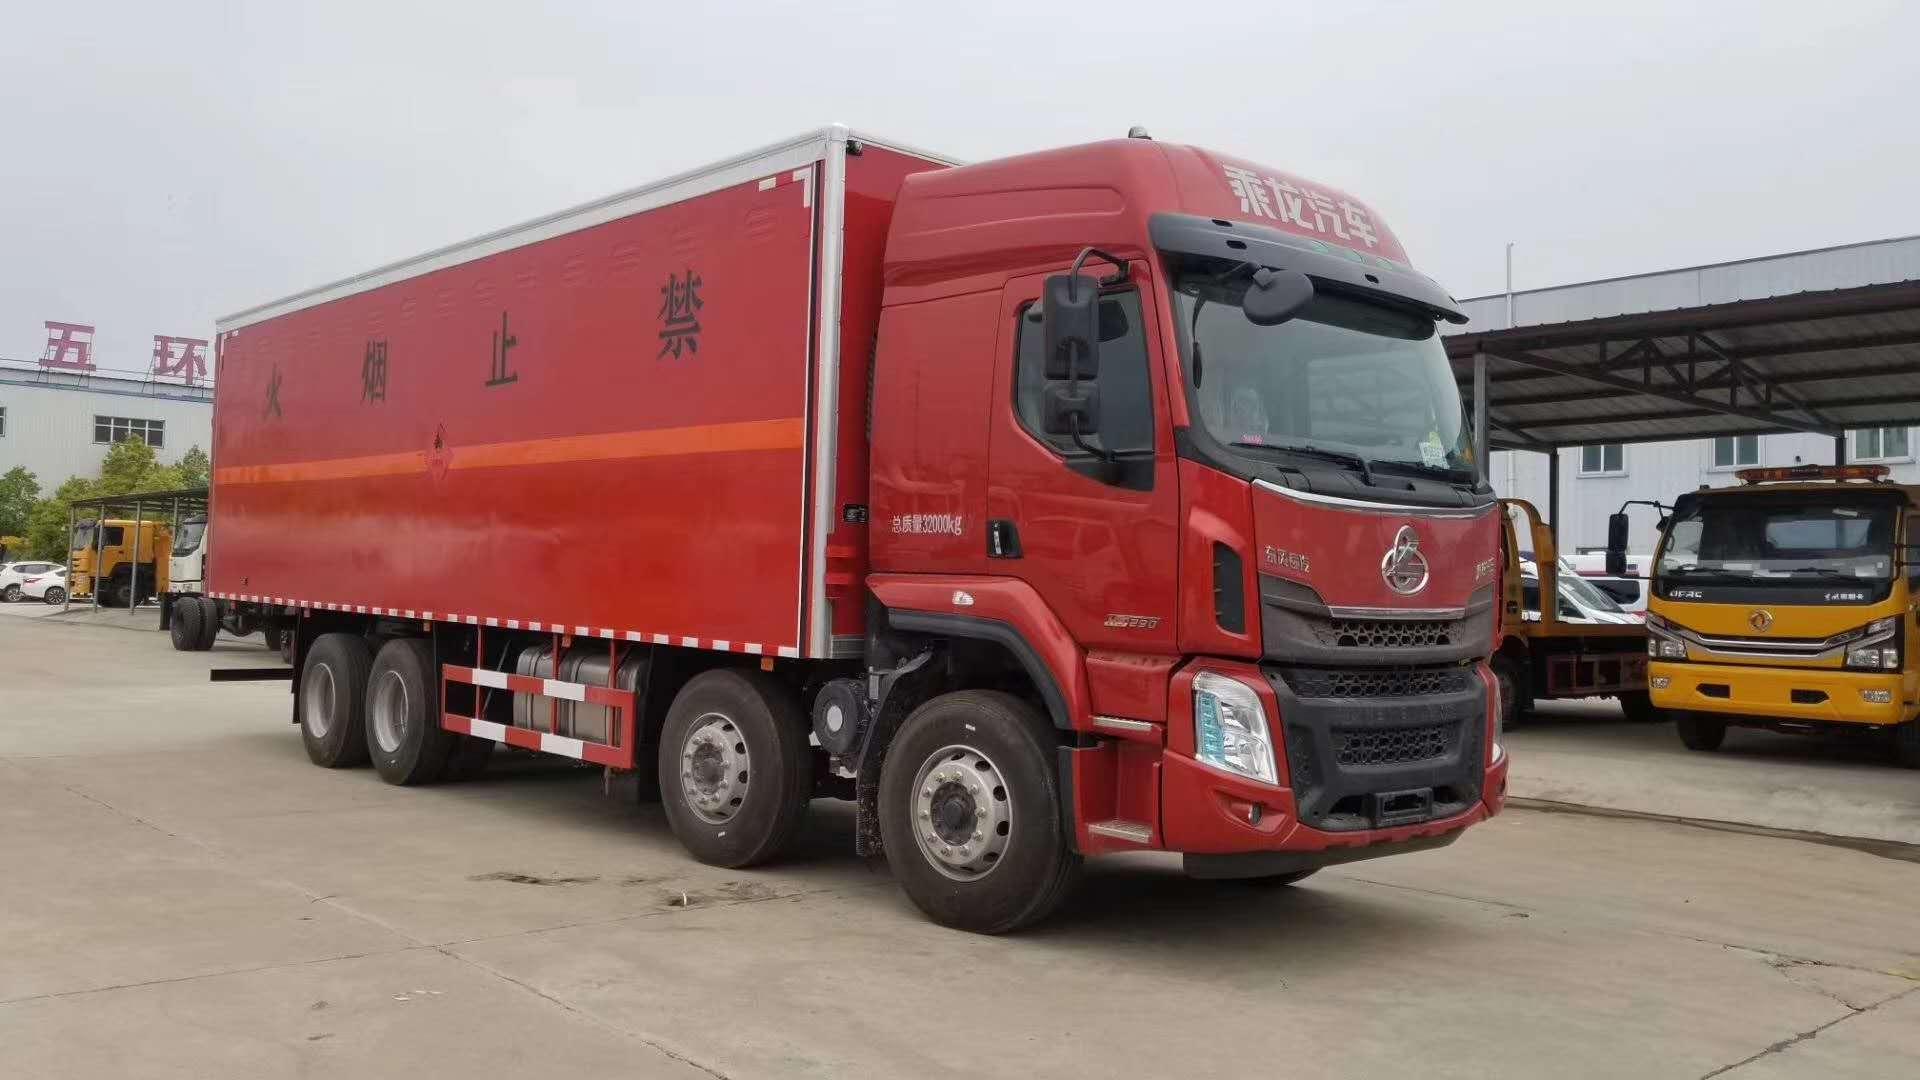 东风柳汽四轴载重20吨9米九类杂项危险品运输车